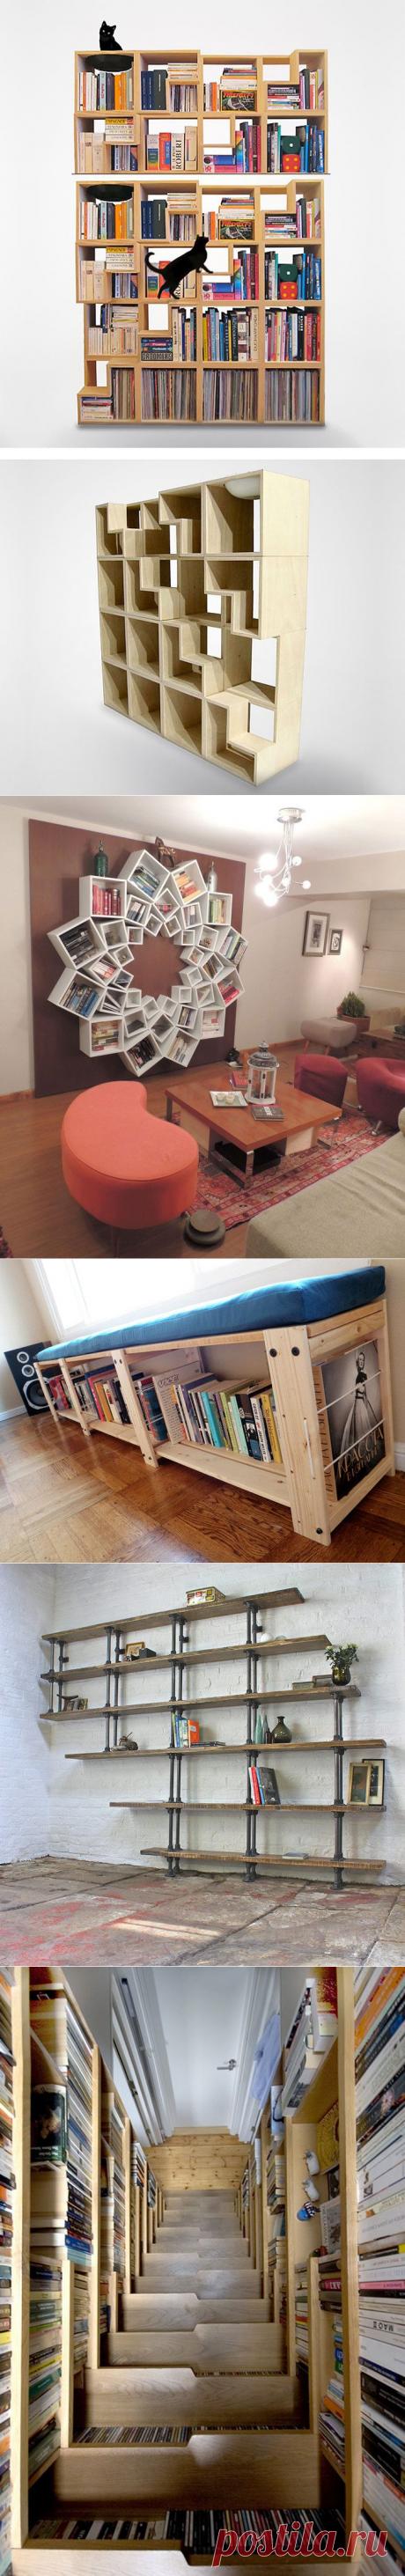 Original book shelves